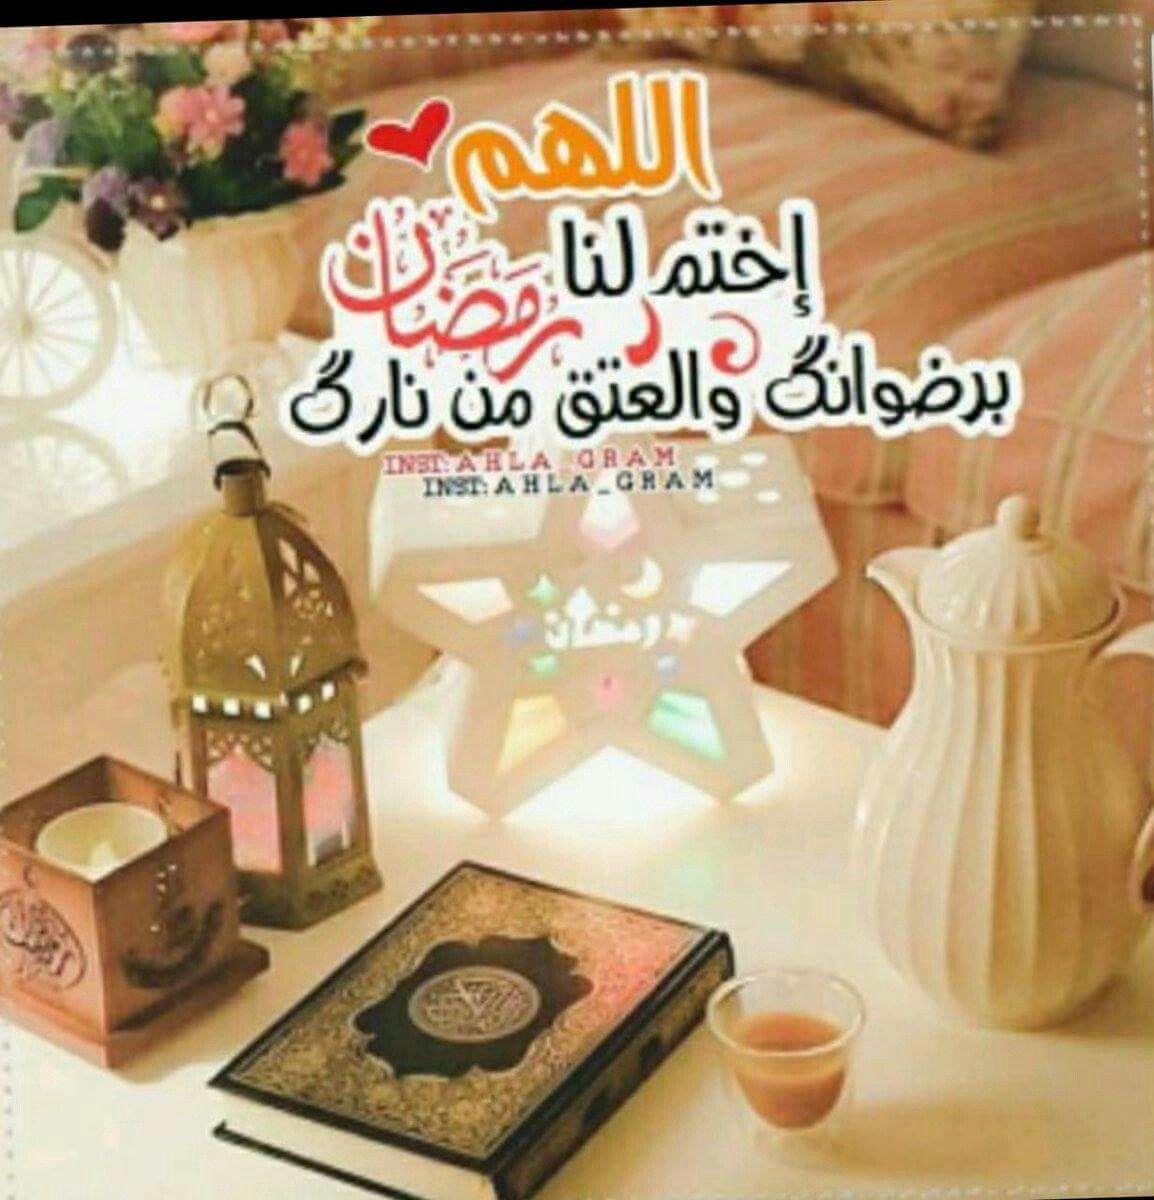 اللهم اختم لنا رمضان بعفوك ورضوانك Ramadan Ramadan Kareem Place Card Holders